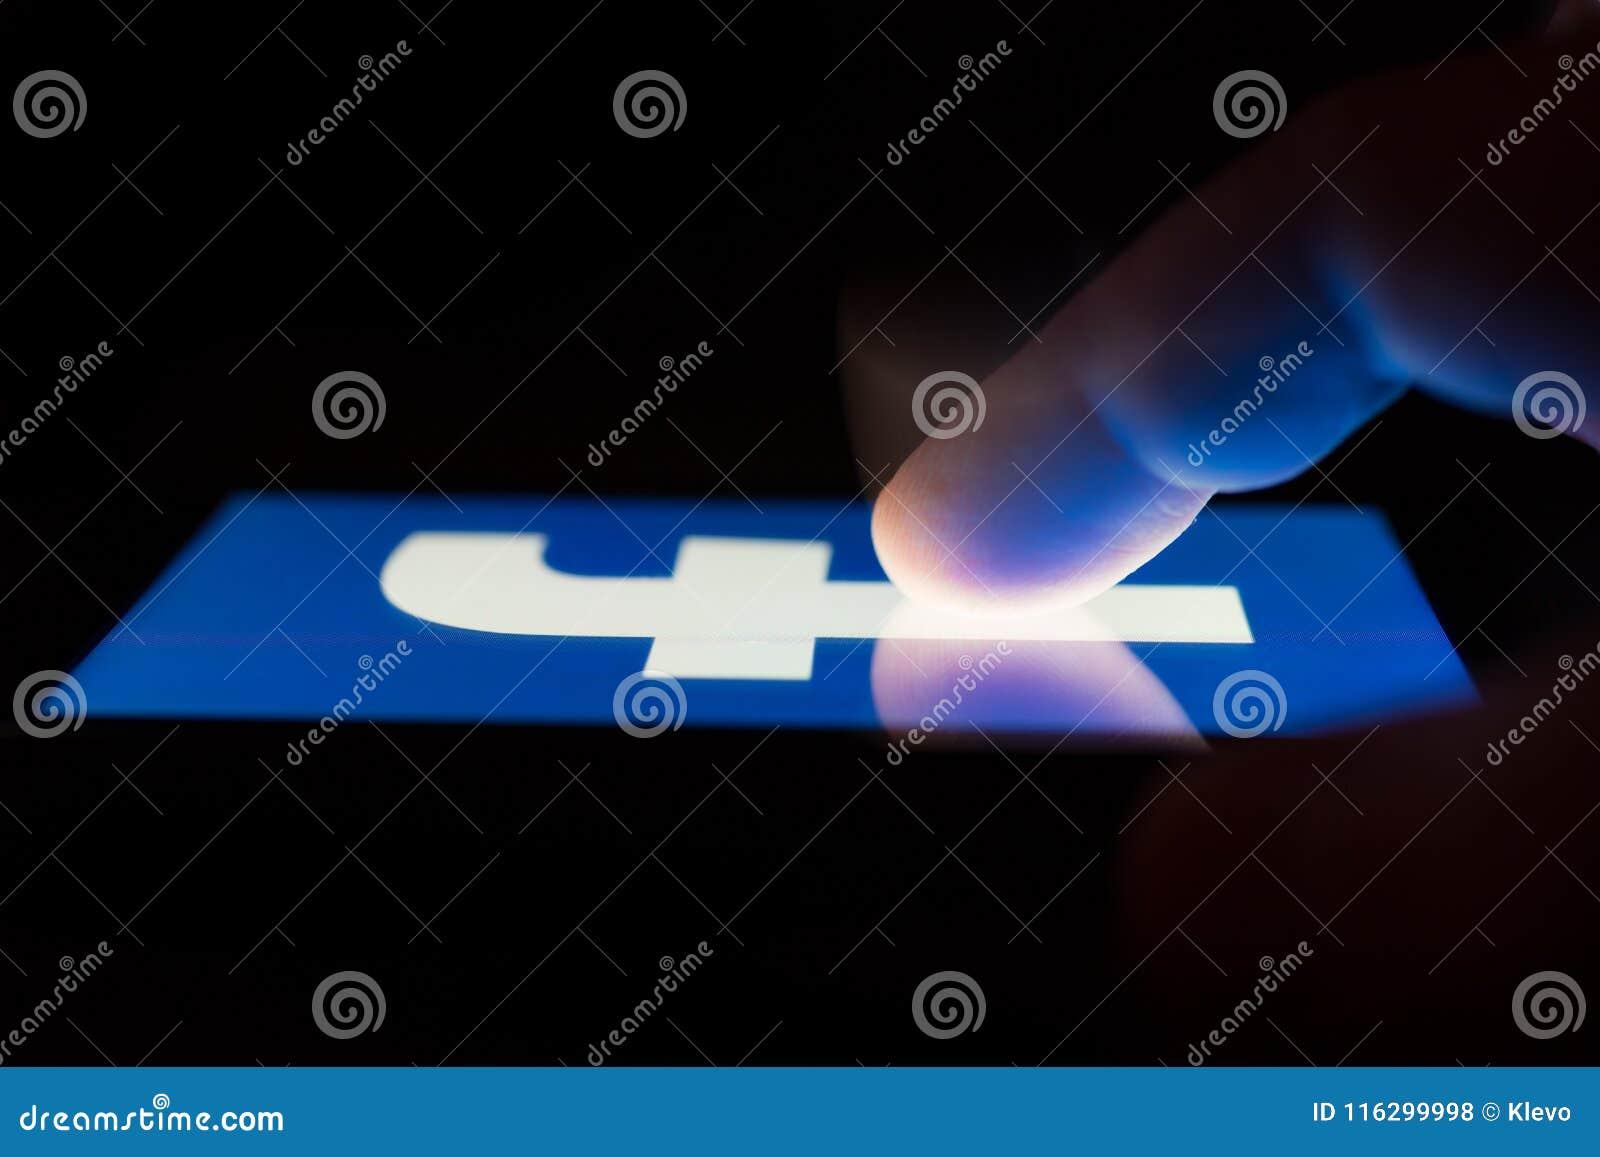 МОСКВА, РОССИЯ - 9-ое мая 2018: Smartphone лежа на таблице в темной, показывающ логотип Facebook